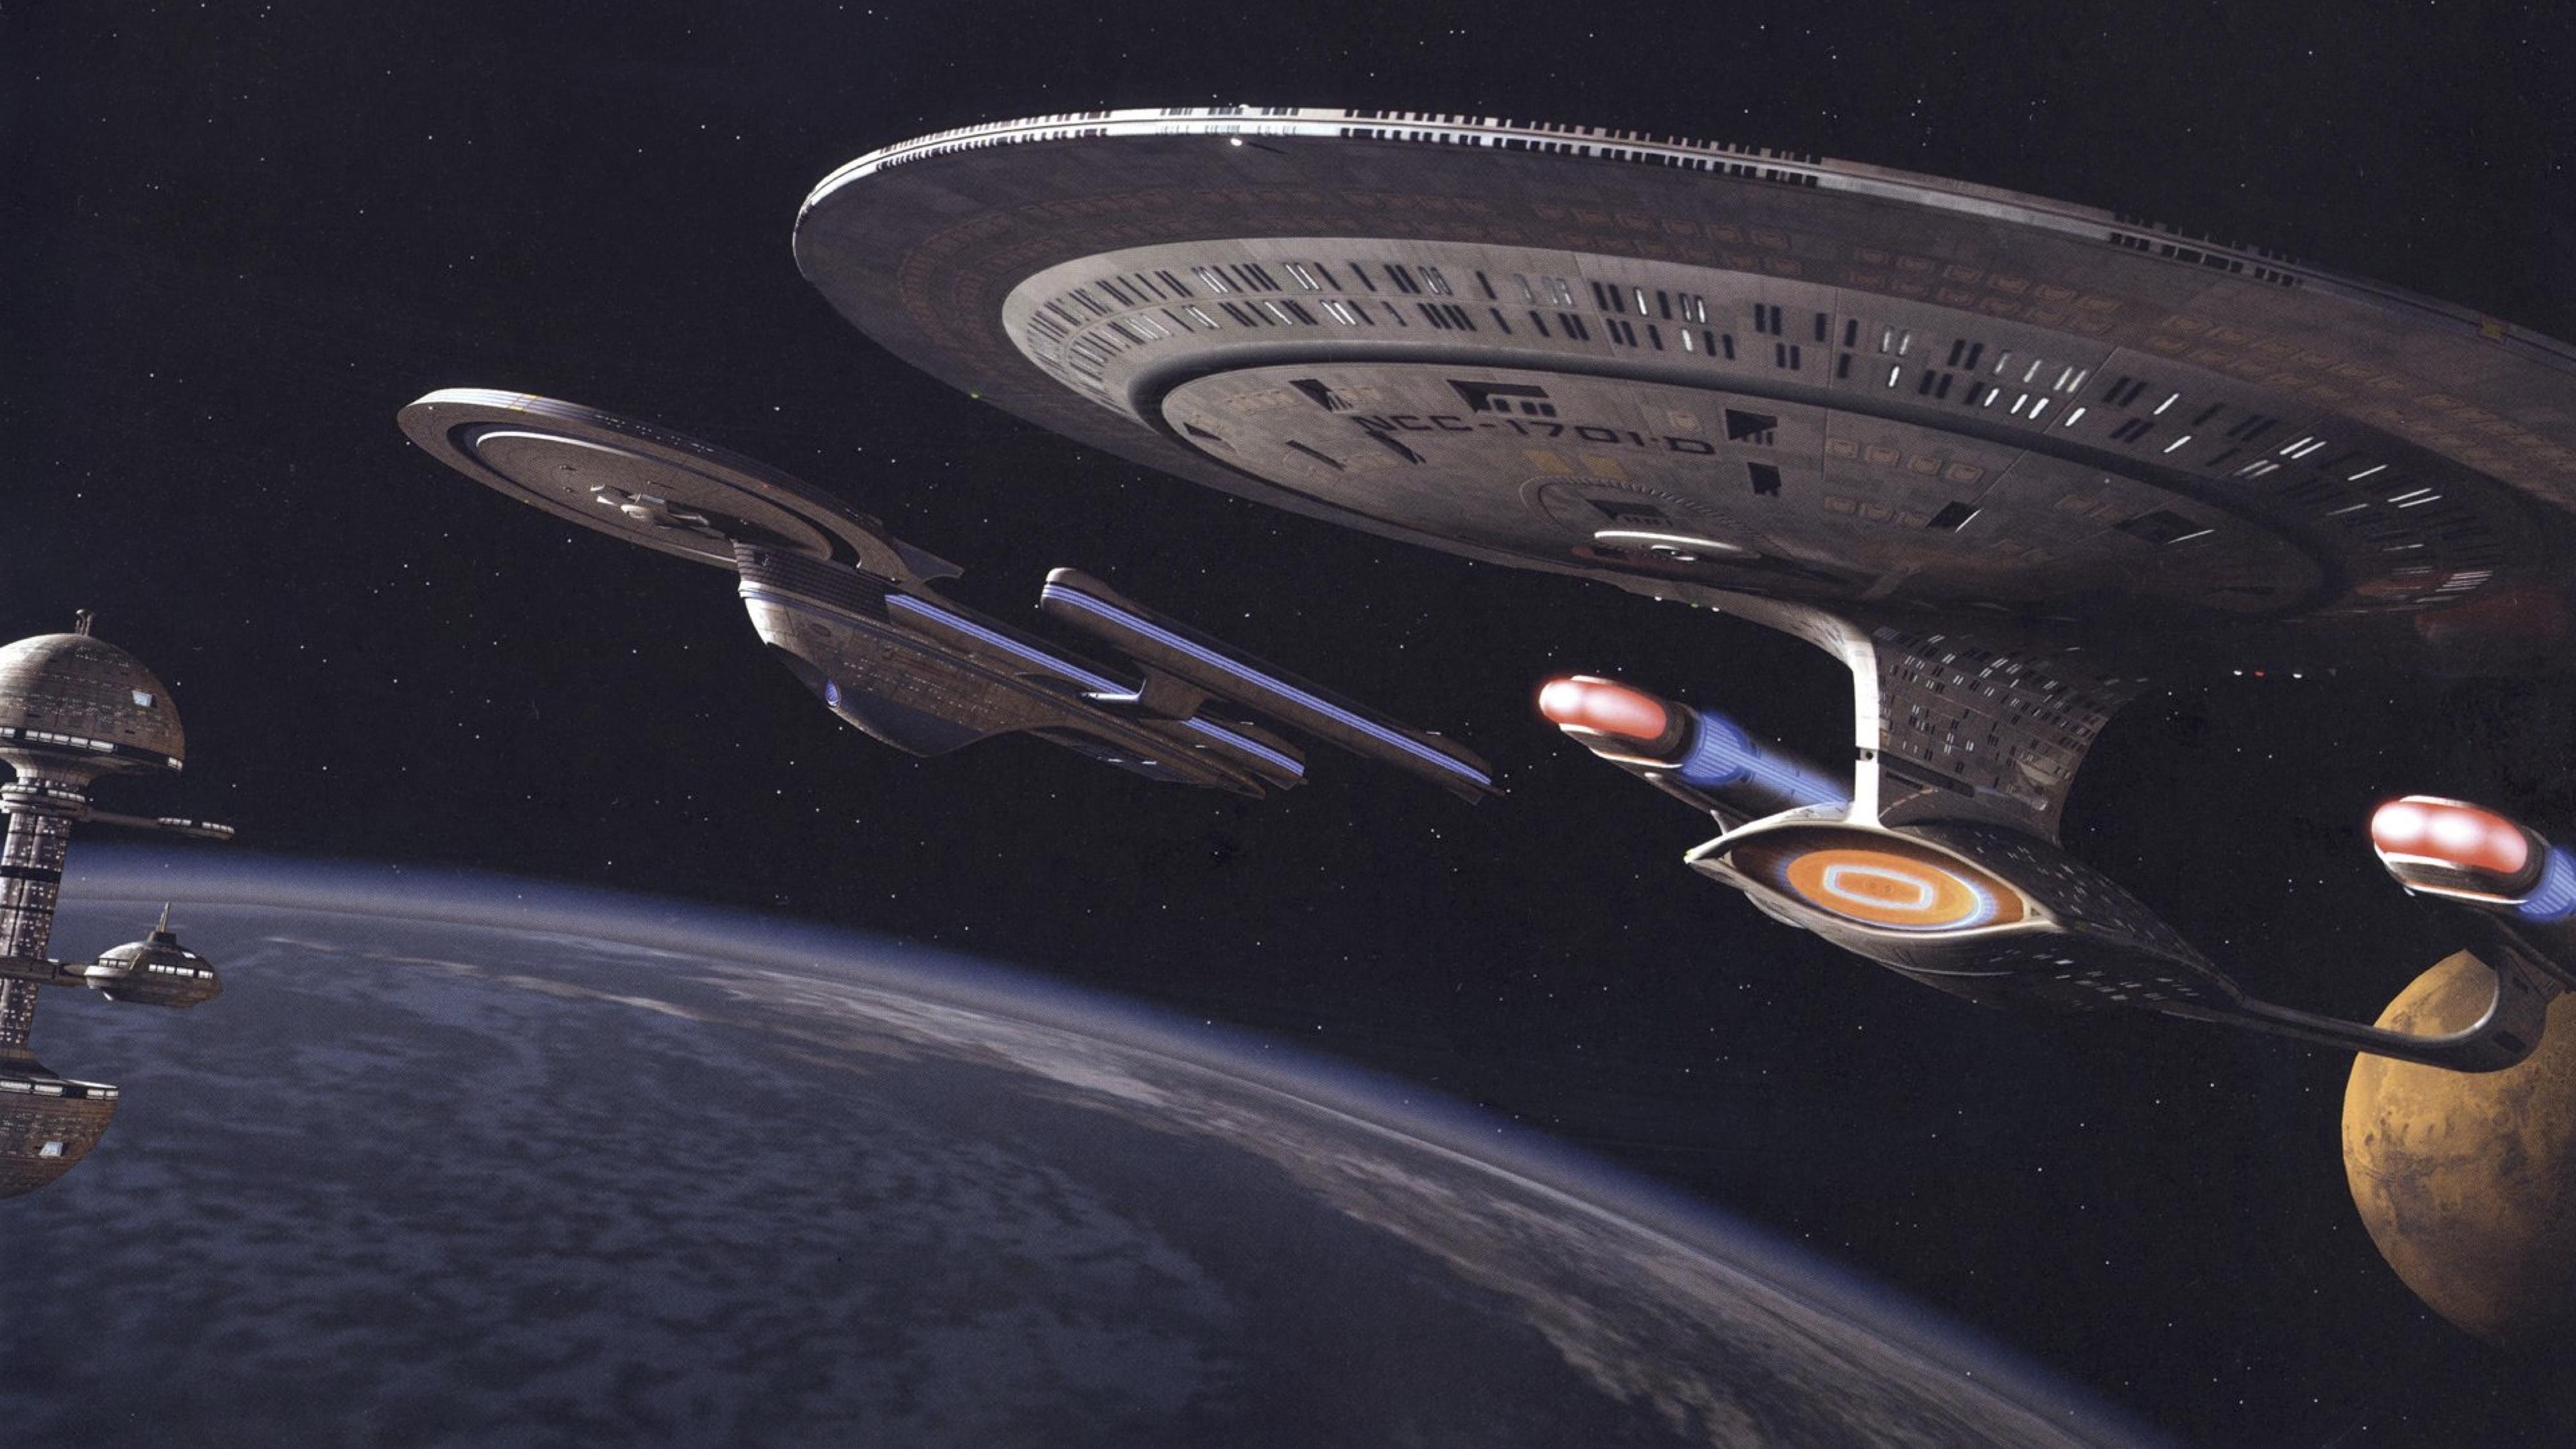 Star Trek Ships of the Line Computer Wallpapers Desktop 4000x2250